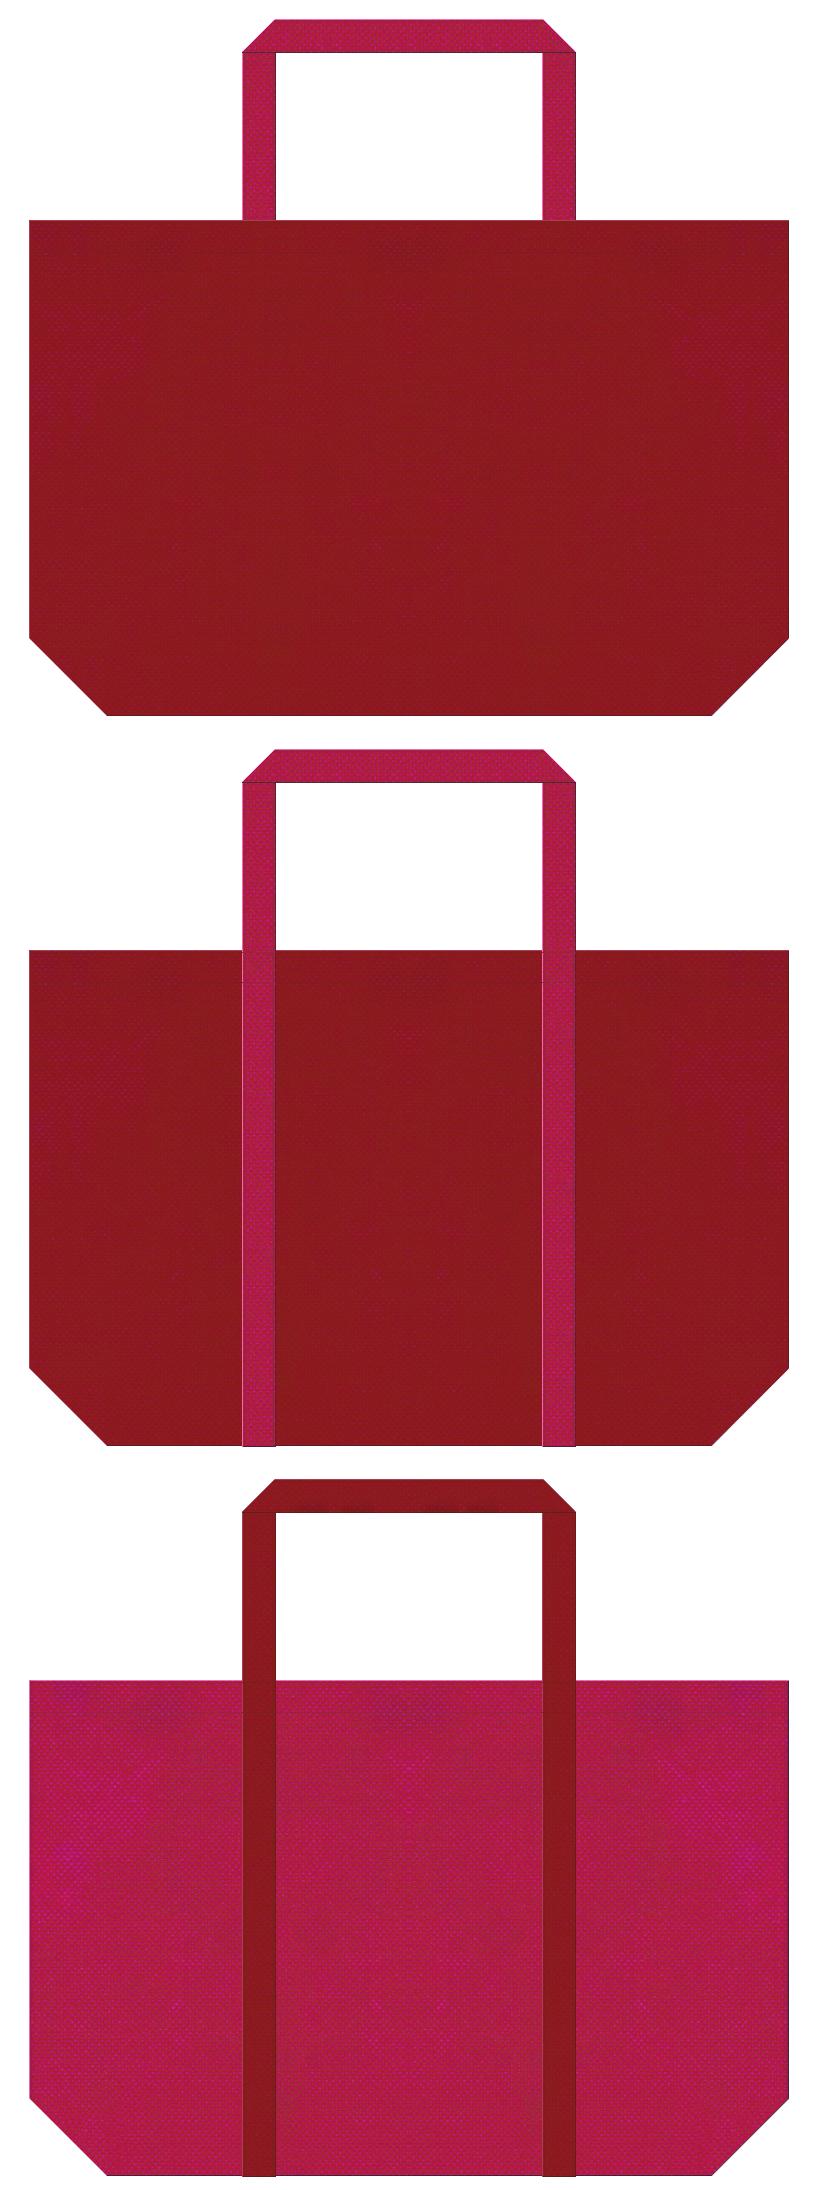 絢爛・舞妓・振袖・着物・卒業式・成人式・七五三・雛祭り・写真館・和雑貨・和風催事・お正月・福袋にお奨め:エンジ色と濃いピンク色の不織布ショッピングバッグのデザイン